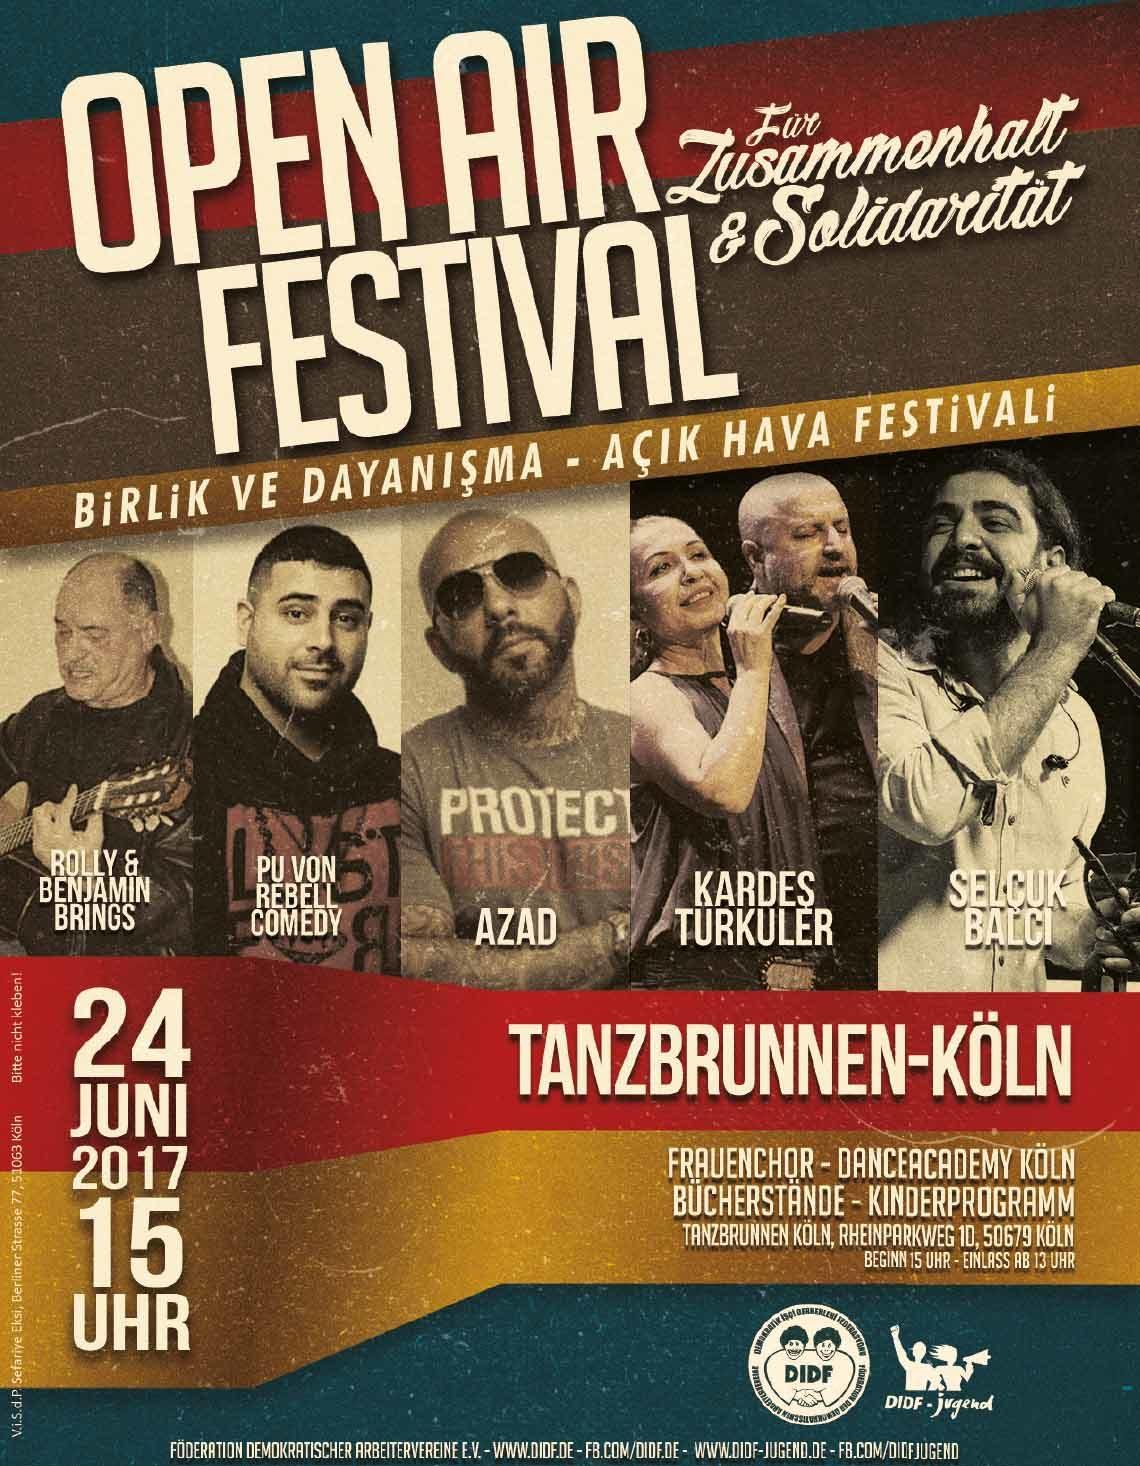 didf festival 2017